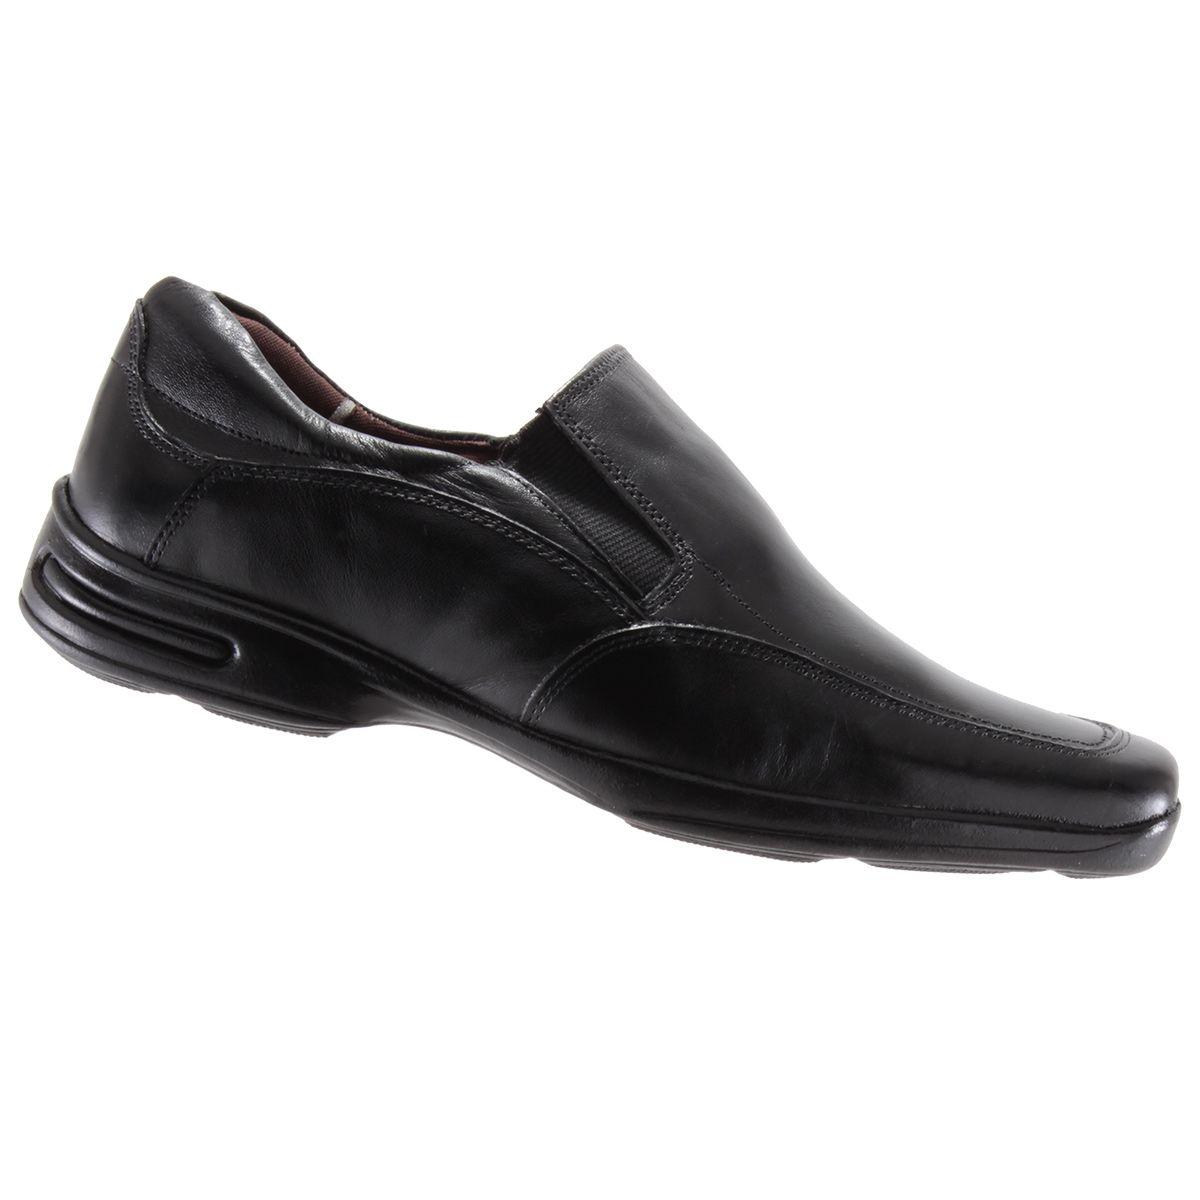 Sapato Social Trilhos Masculino Conforto Couro 0074